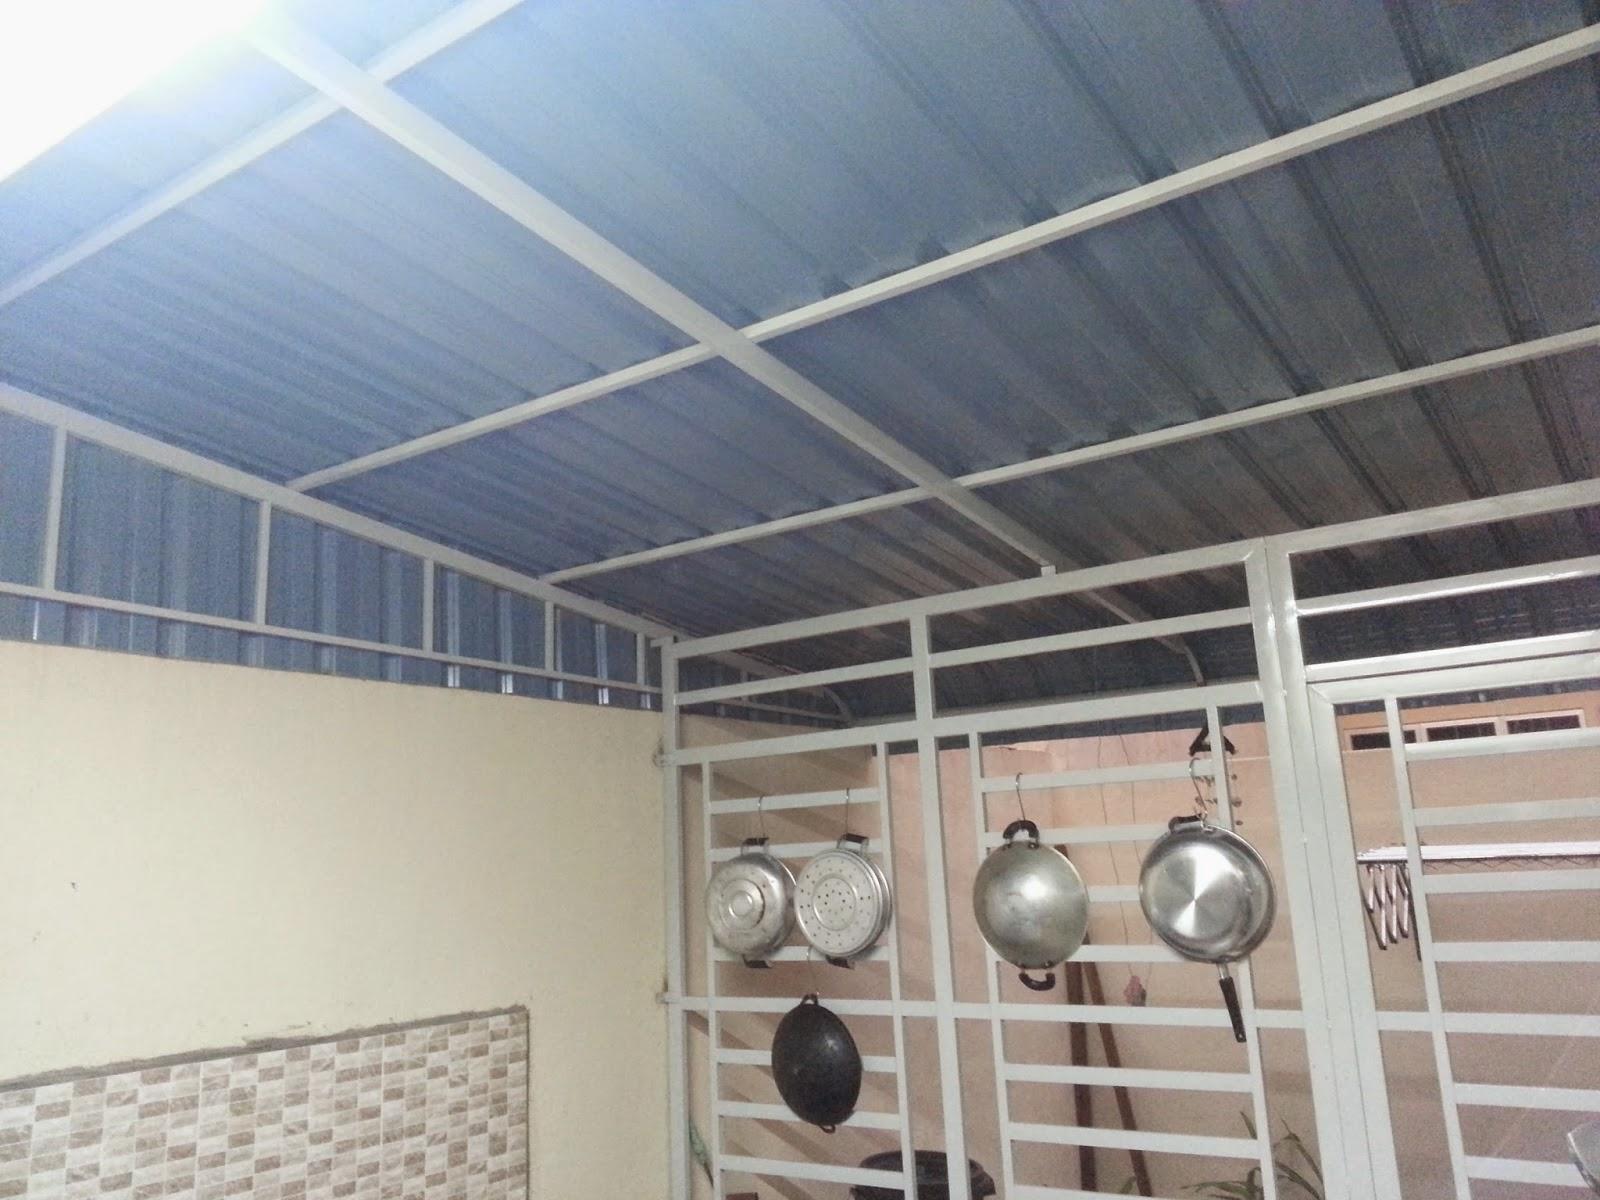 Pengalaman Ubahsuai Rumah Baru Penambahan Ruang Untuk Dapur Basah